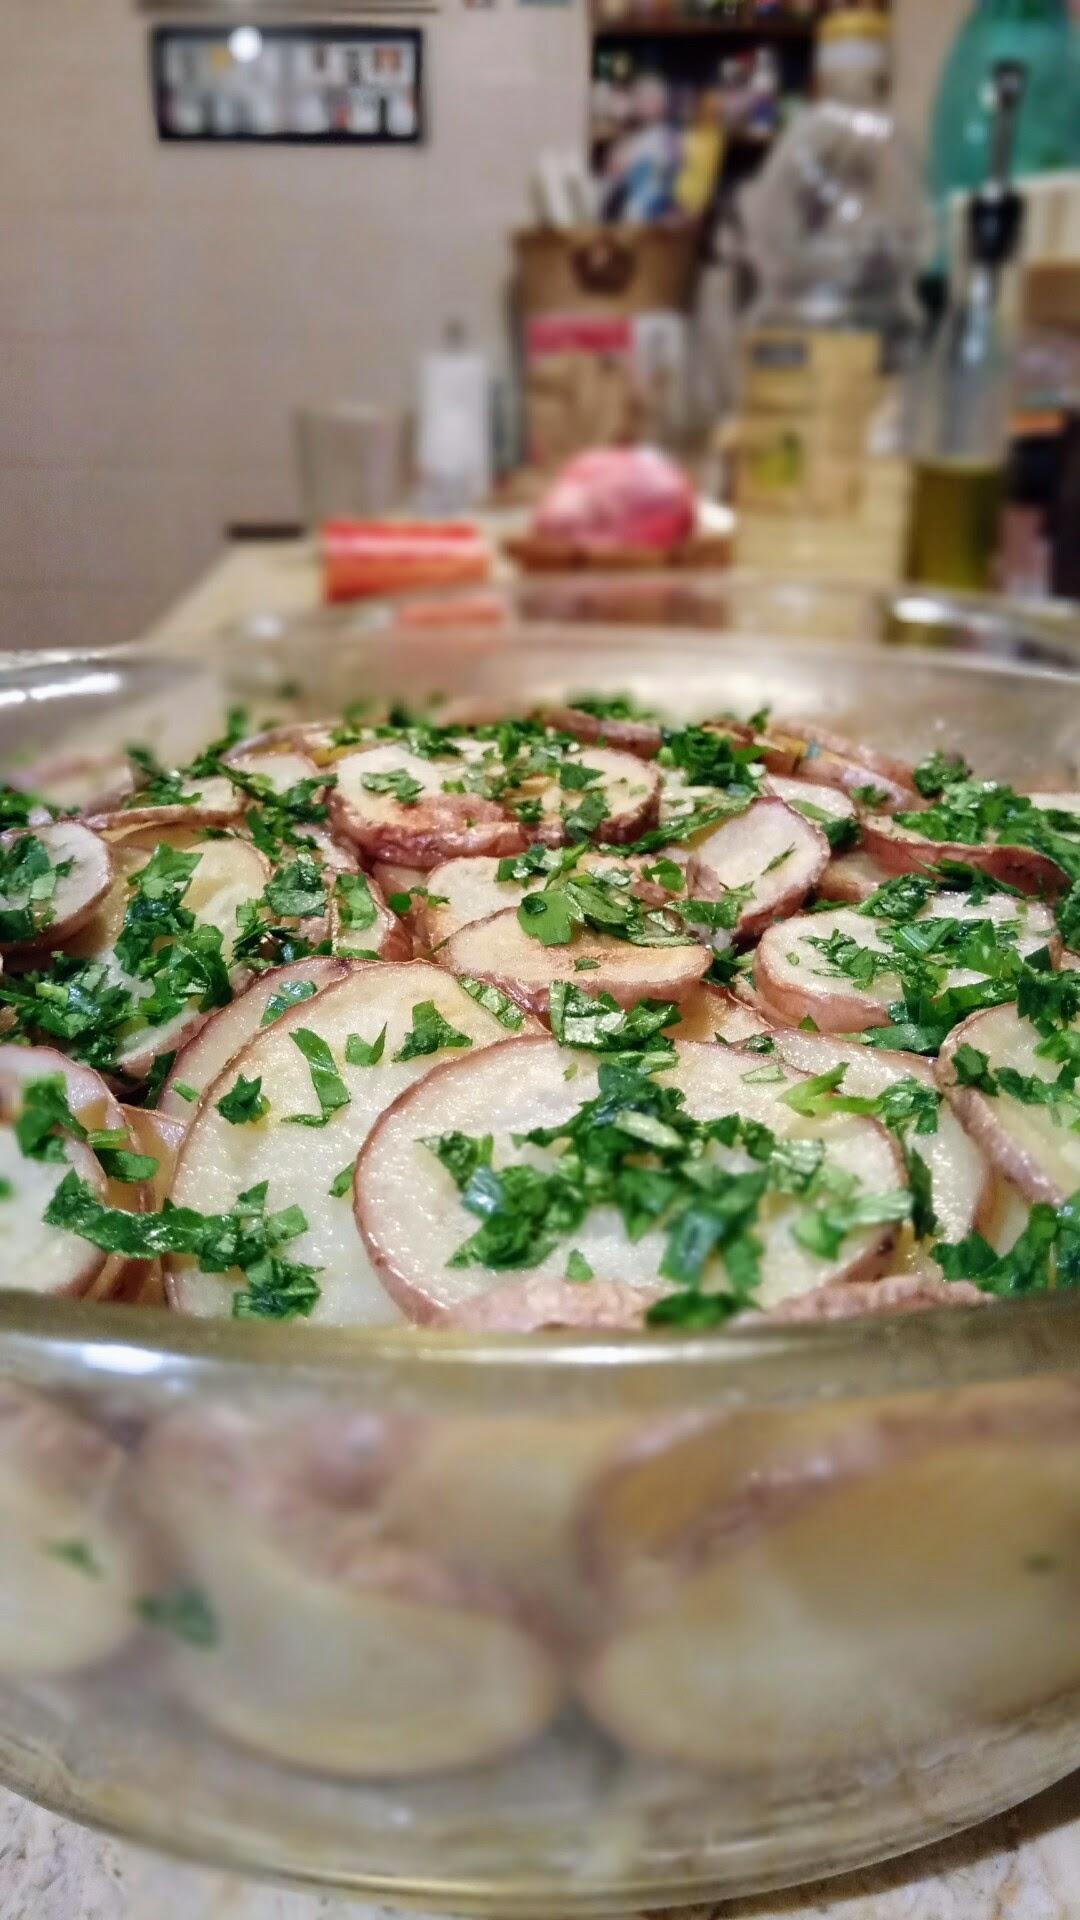 theWise in cucina: Carciofi in crosta di patate rosse al microonde